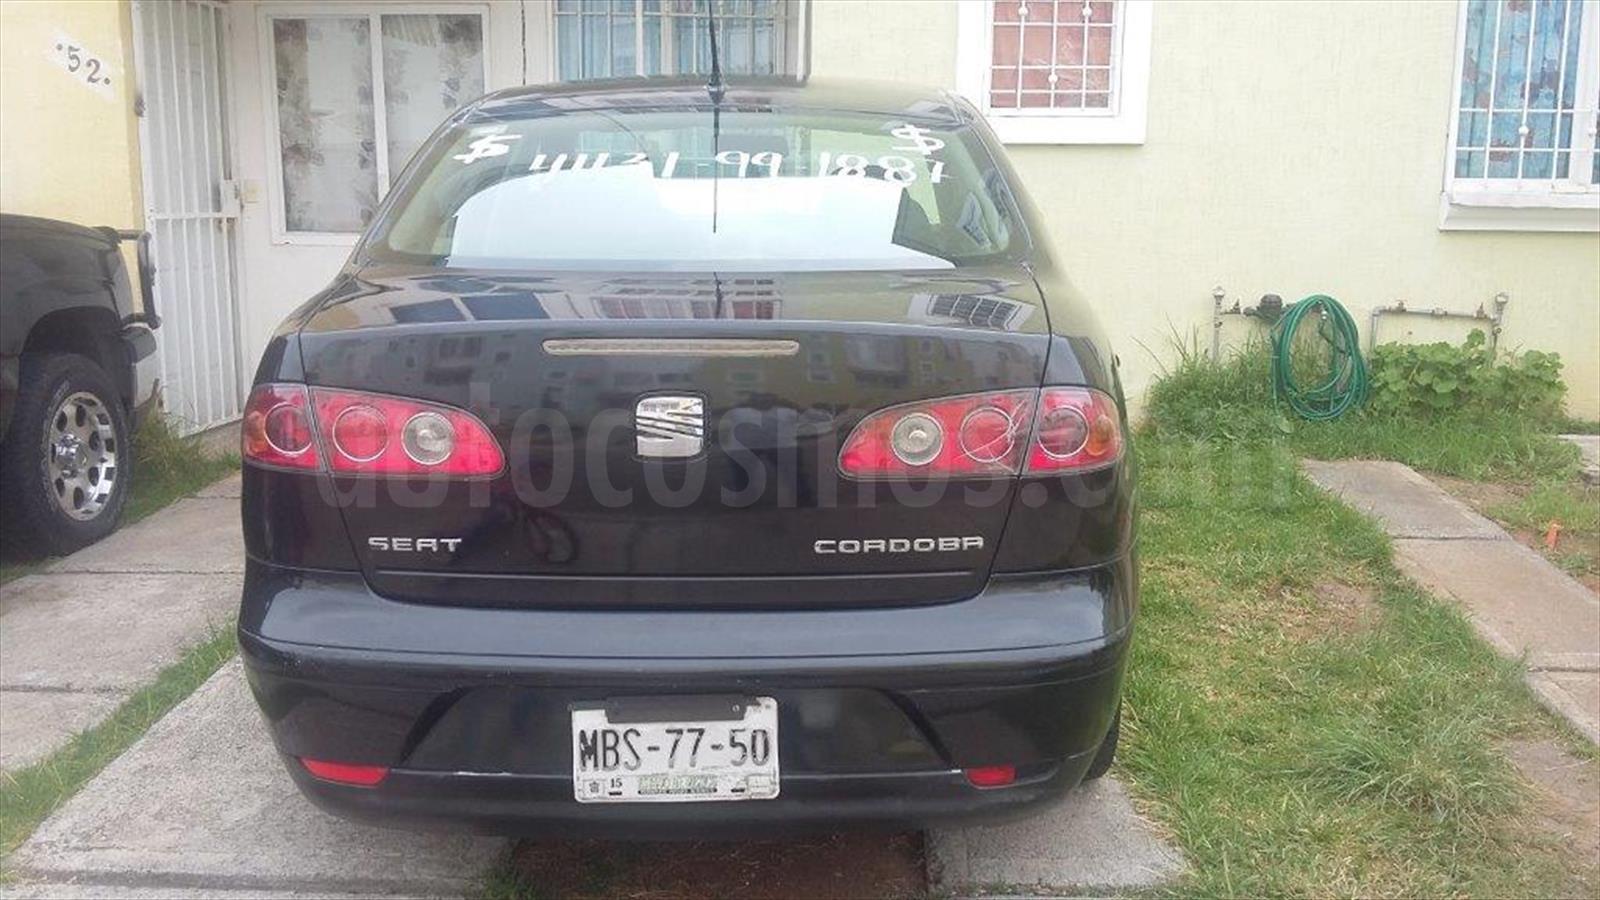 Venta Autos Usado Michoacan Seat Cordoba 2 0 Signo 115hp